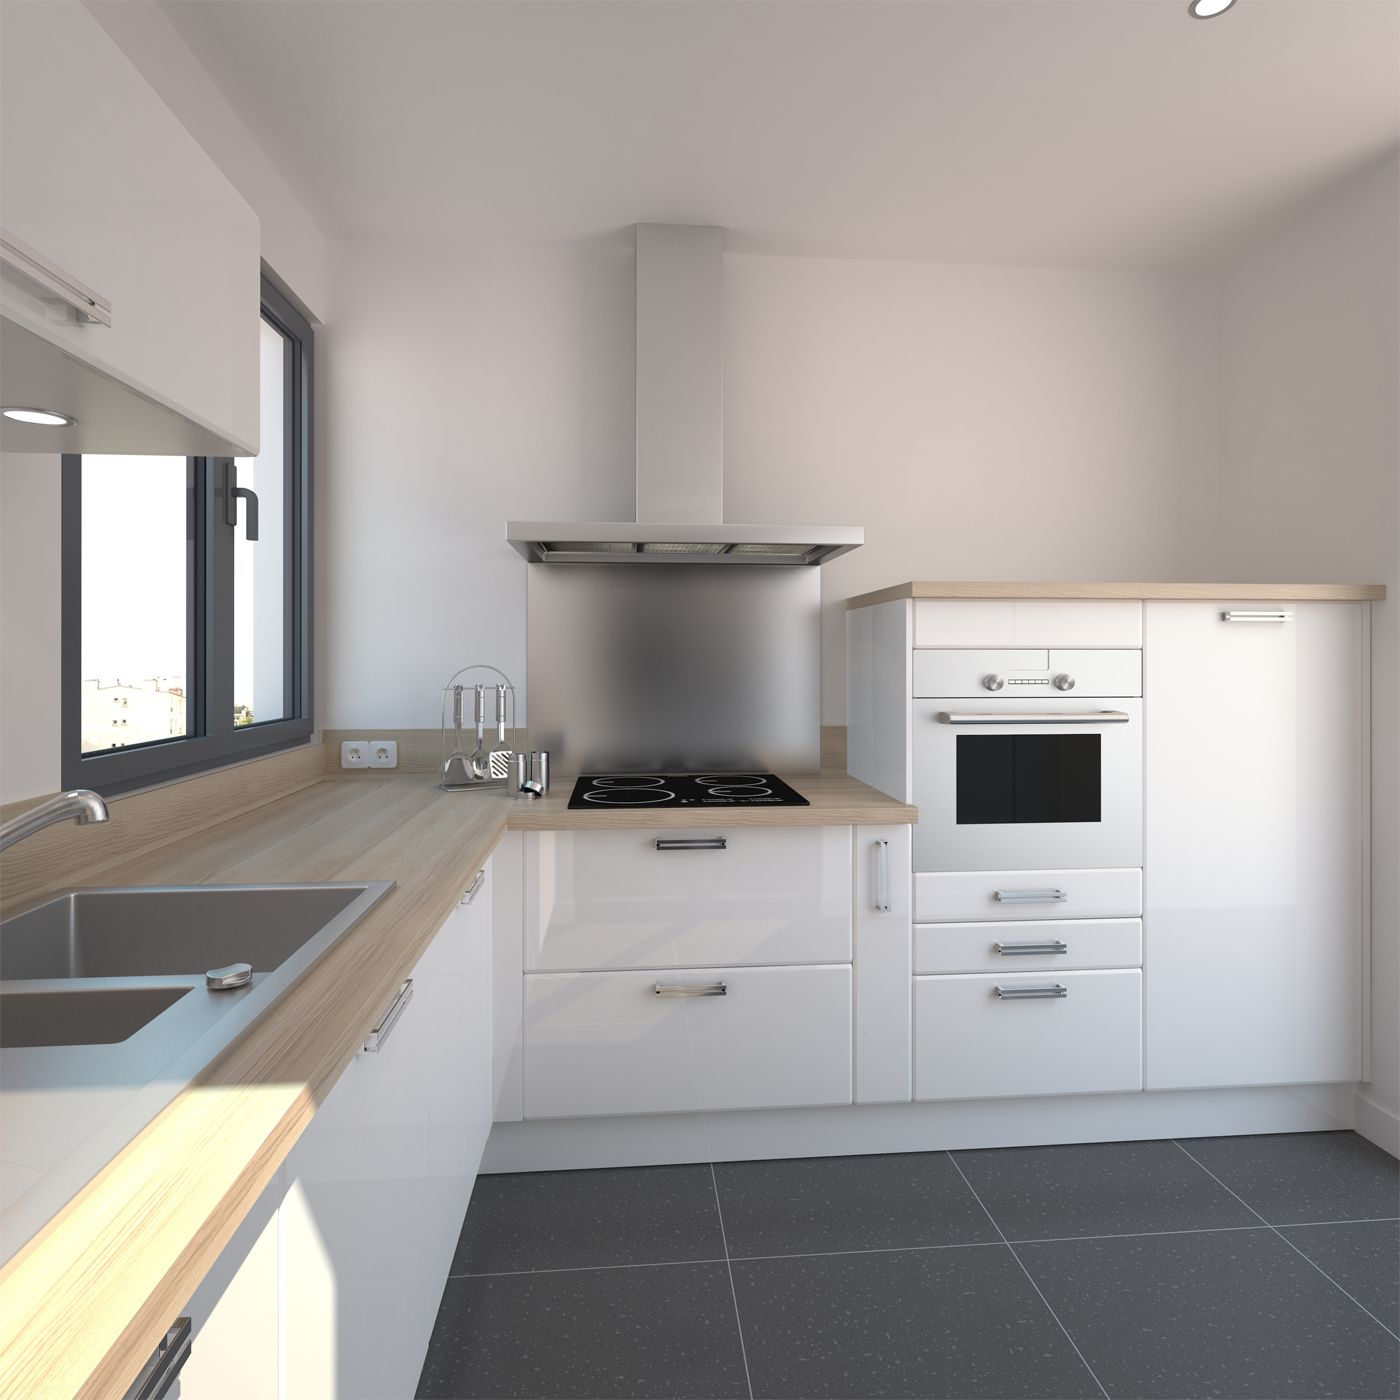 Cuisine Blanche Design Meuble IRIS Blanc Brillant Range Epice - Meuble haut cuisine 3 portes pour idees de deco de cuisine